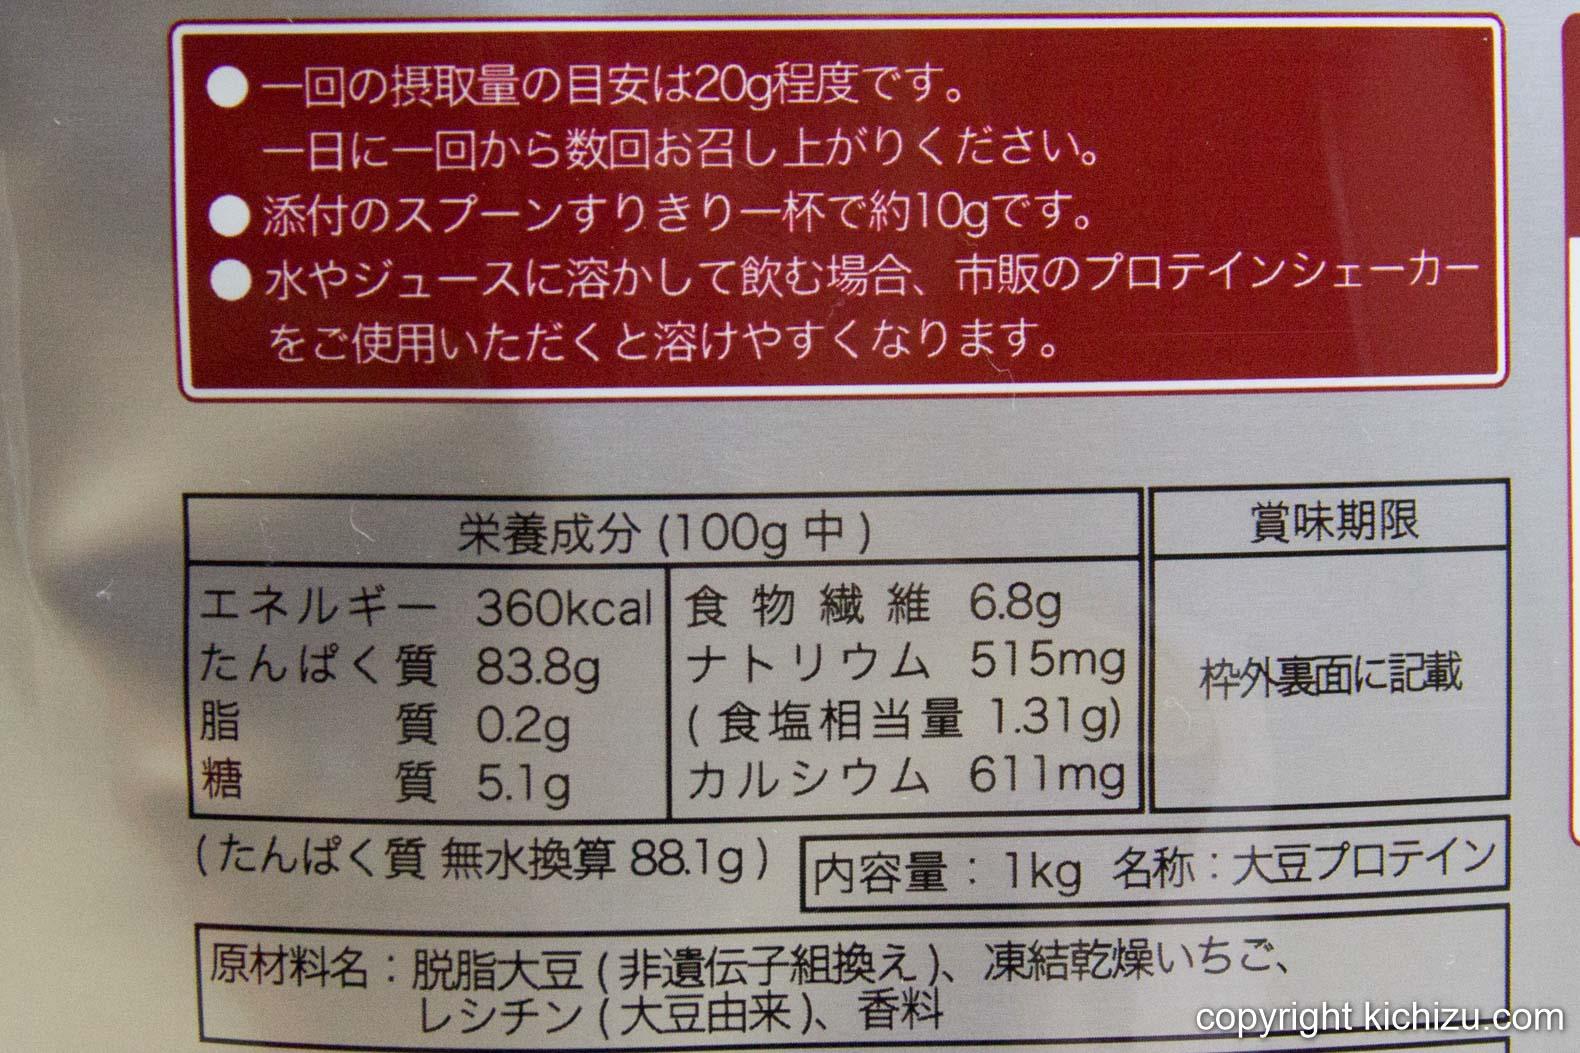 BODY WING 大豆プロテイン ストロベリー風味の成分表